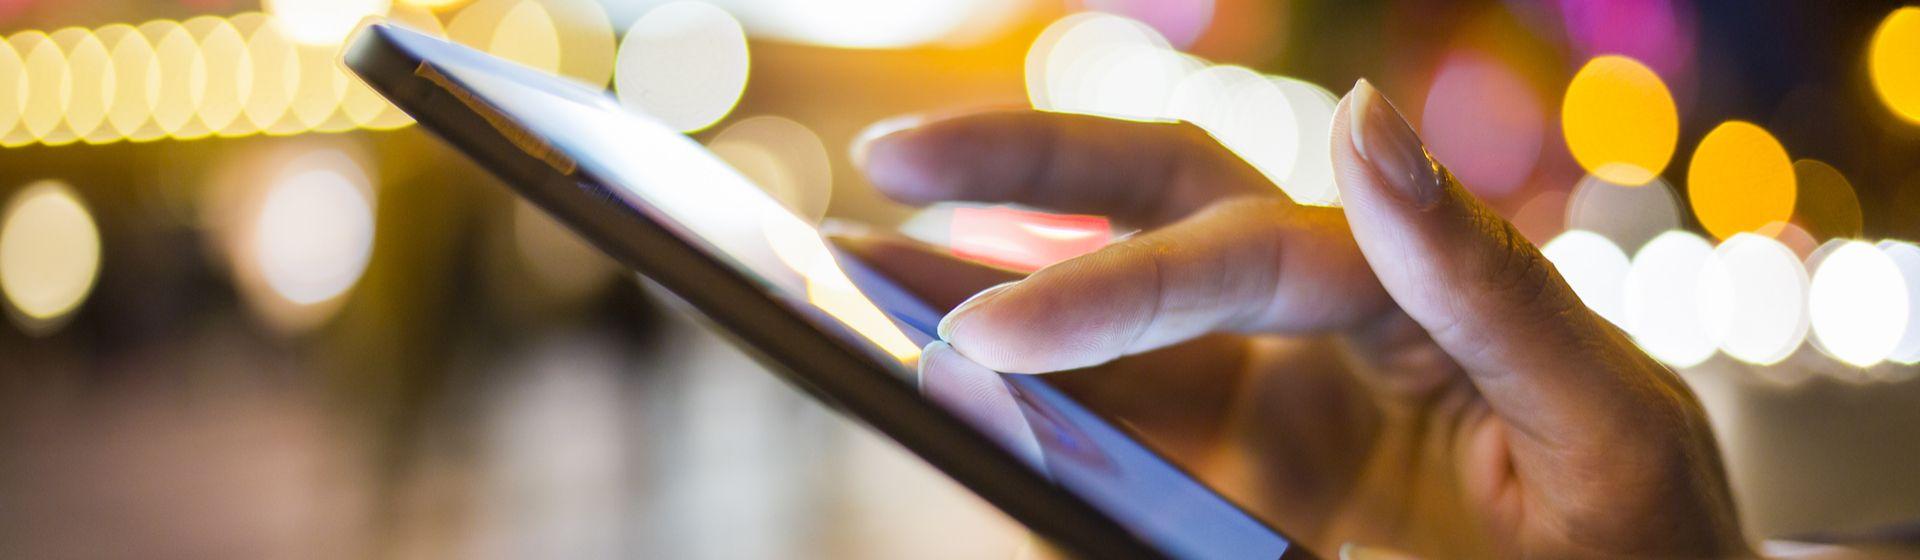 O que é APK e quais são os riscos de fazer download